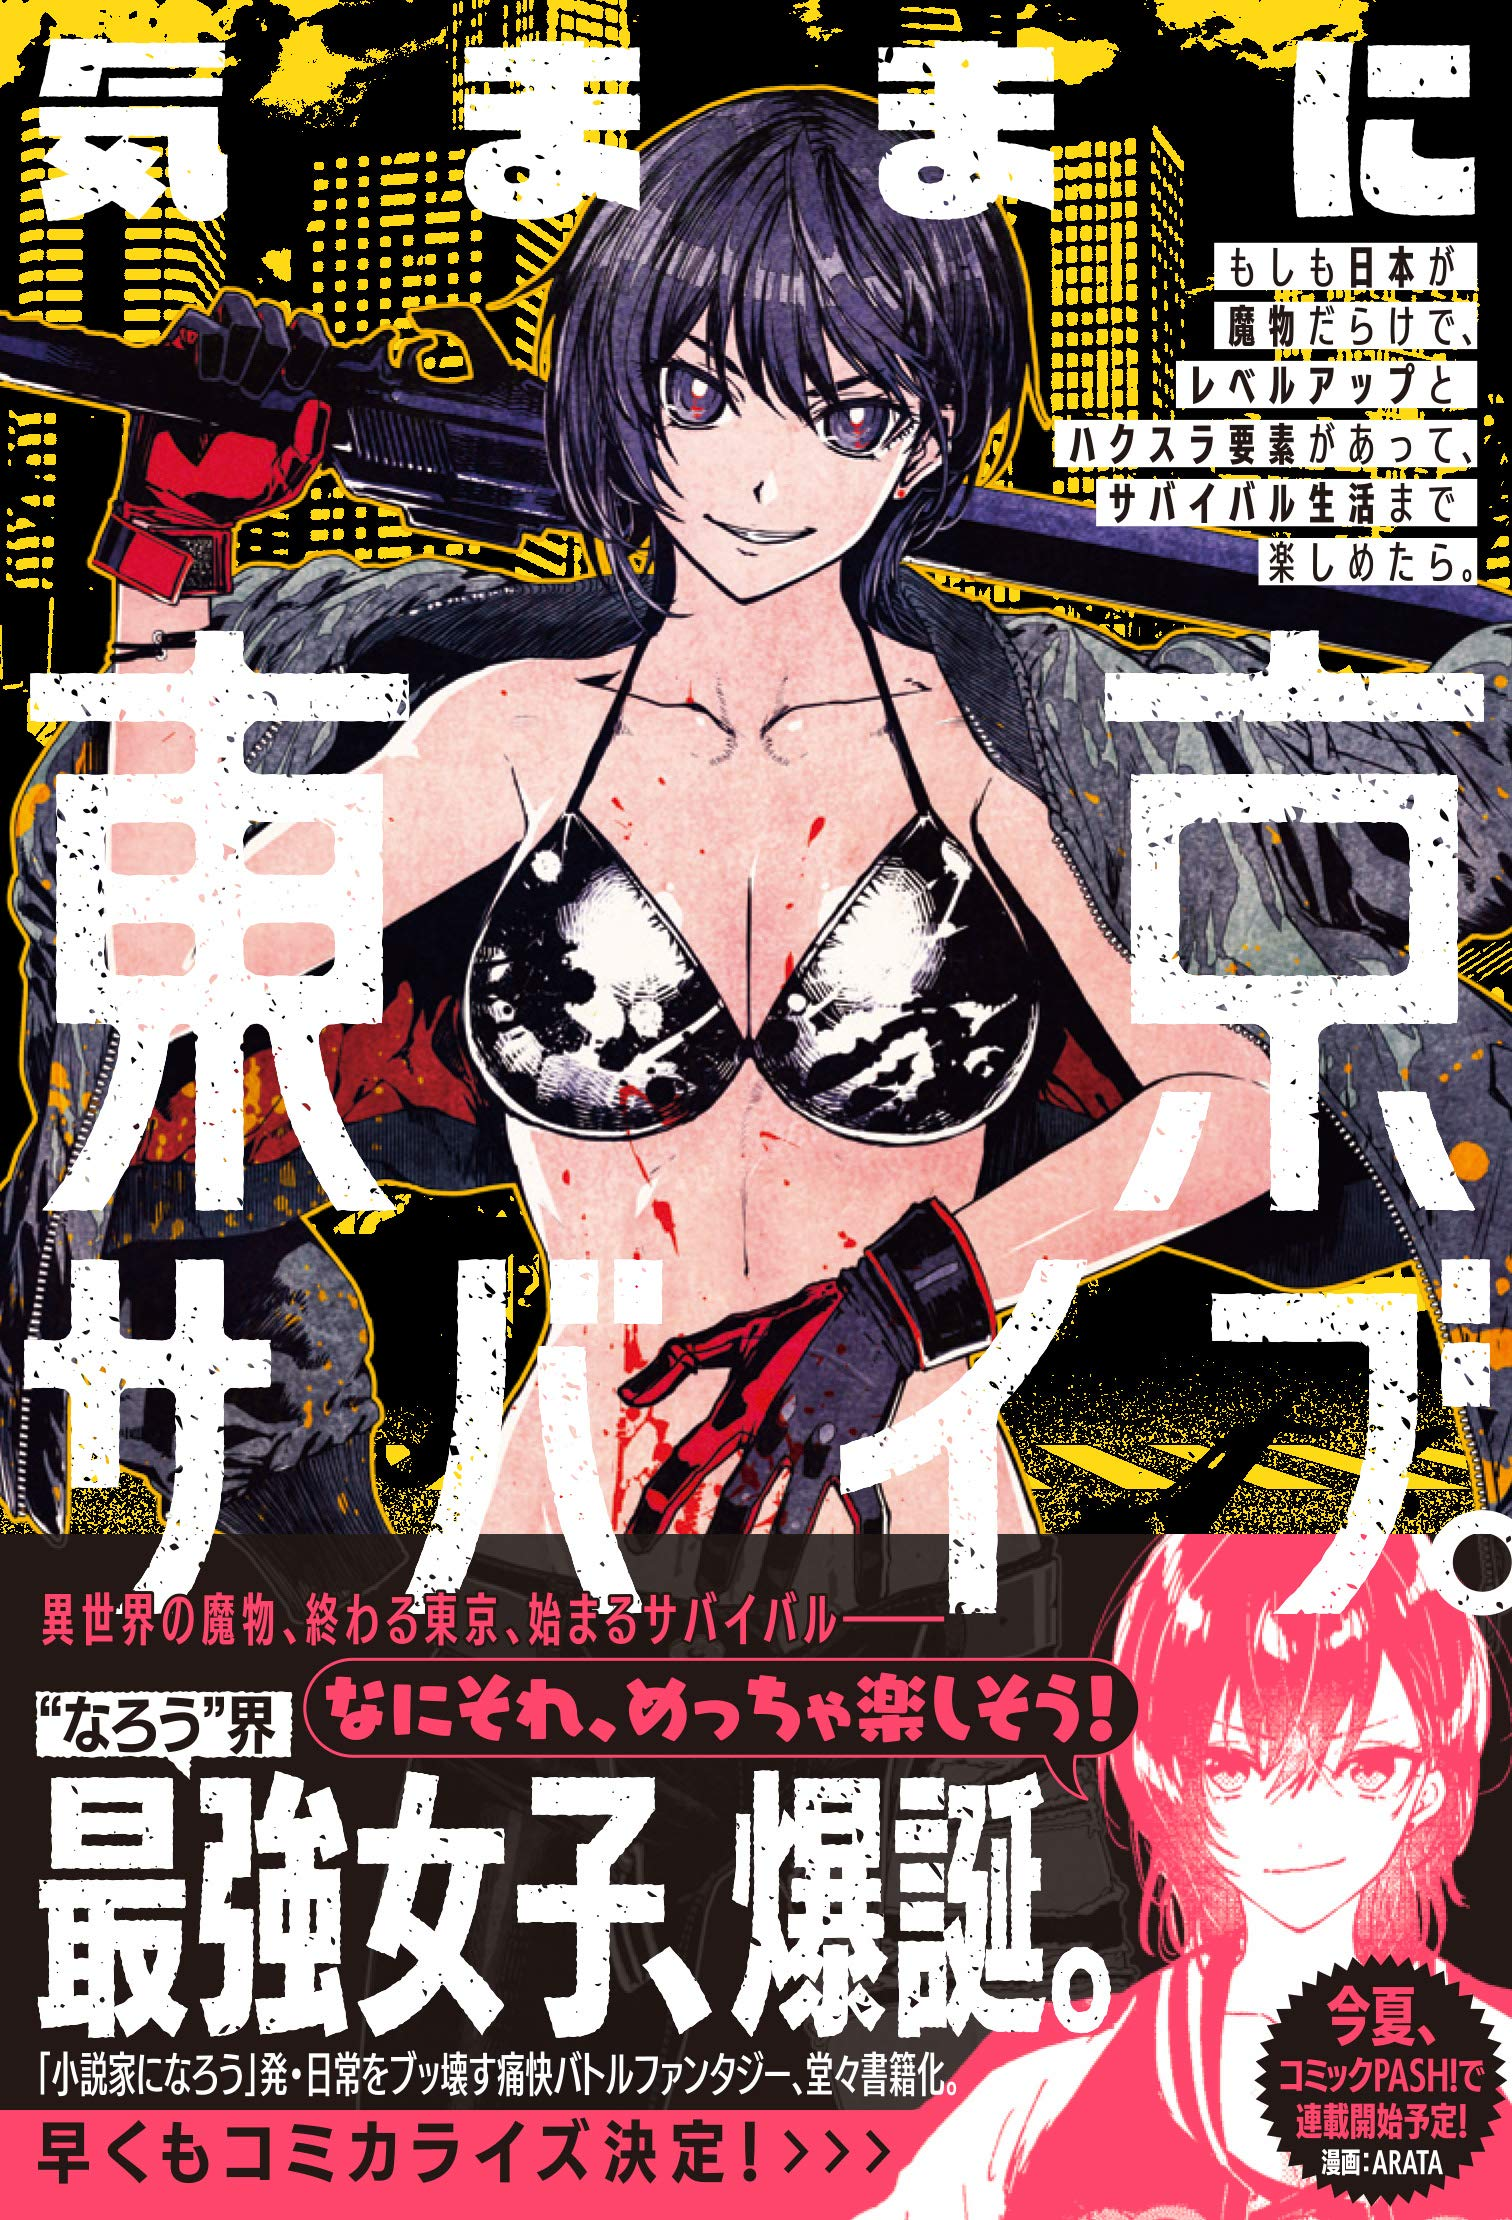 気ままに東京サバイブ。もしも日本が魔物だらけで、レベルアップとハクスラ要素があって、サバイバル生活まで楽しめたら。 (PASH!ブックス)